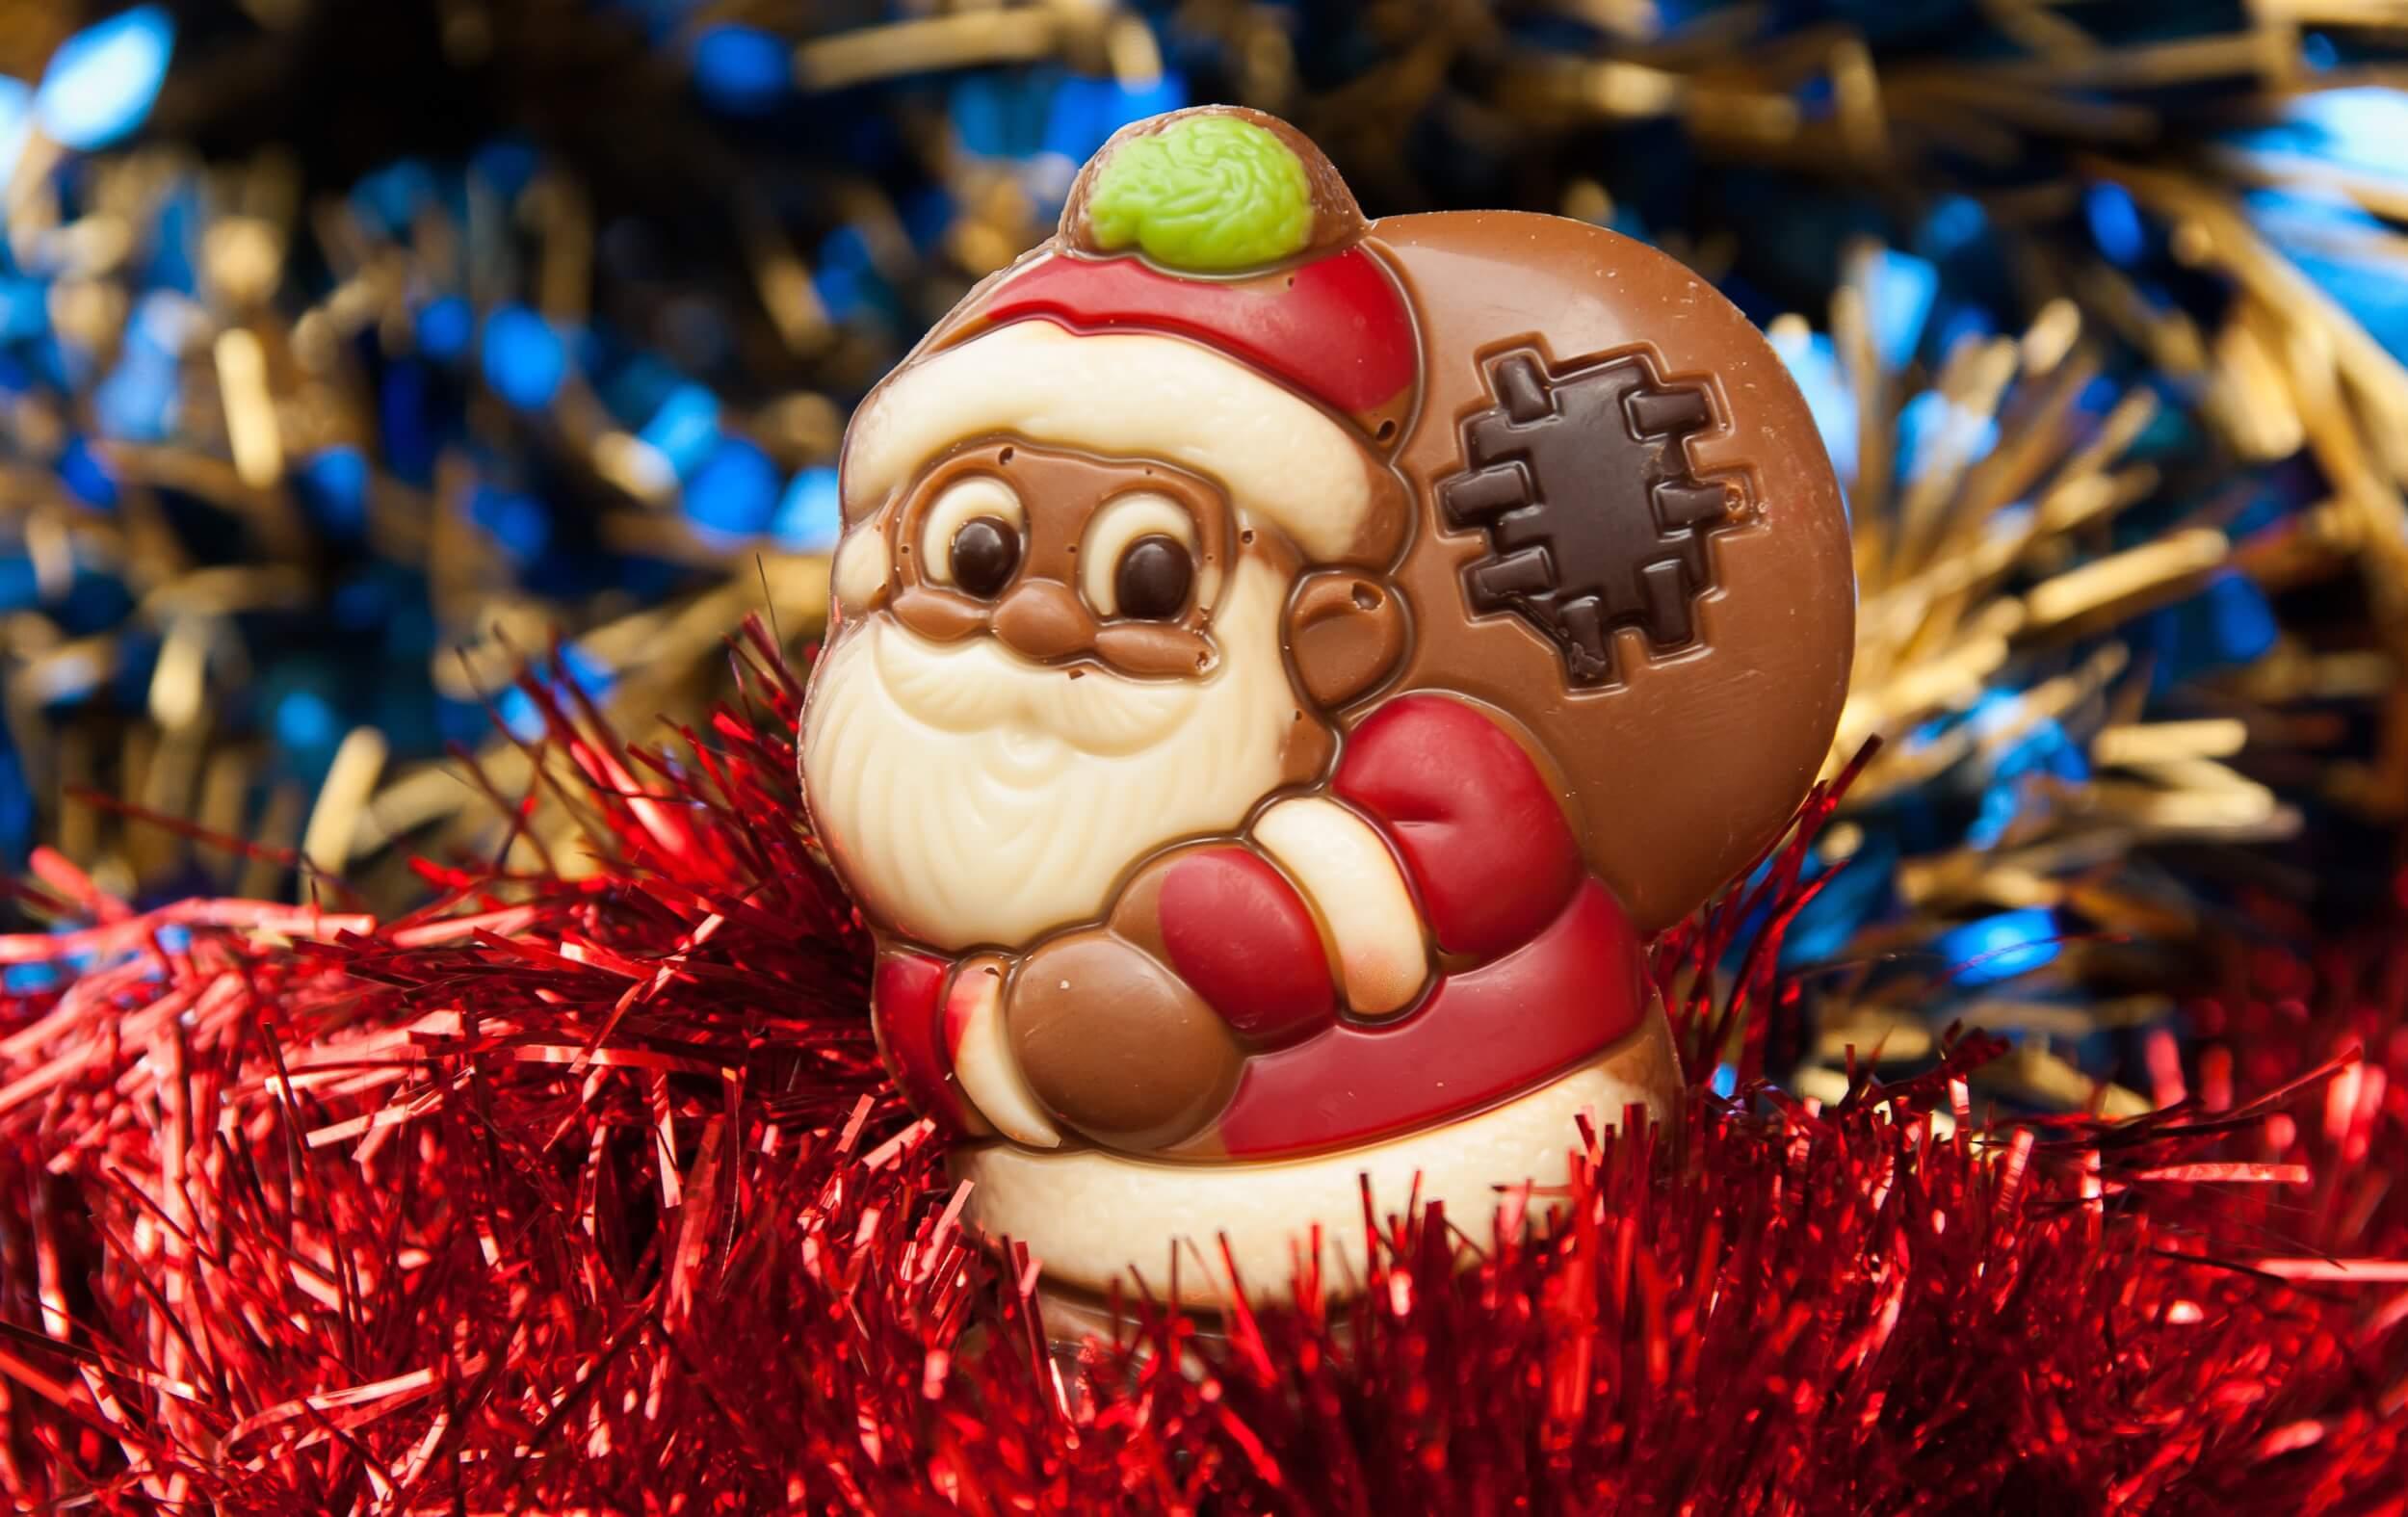 Weihnachtsmann aus Schokolade (c) jackmac34 / pixabay.de